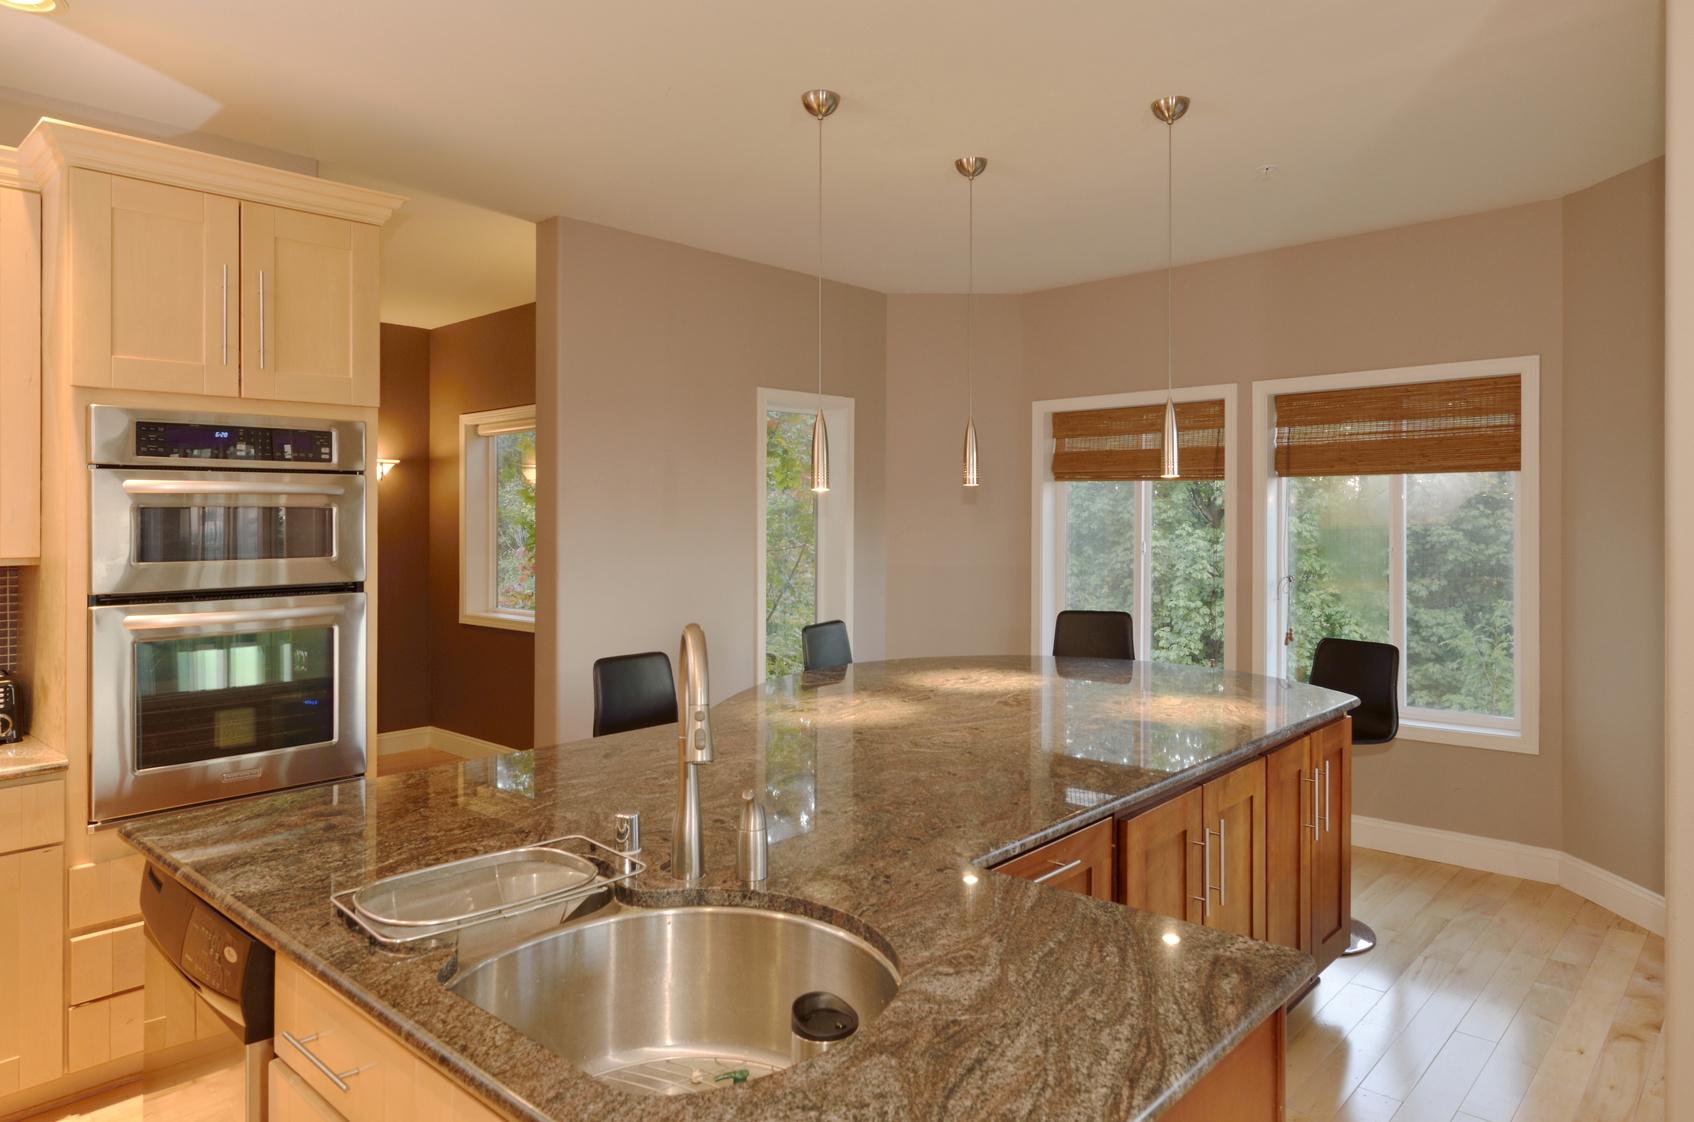 Die Kücheninsel - stilvolle Küchenform mit optischem Highlight